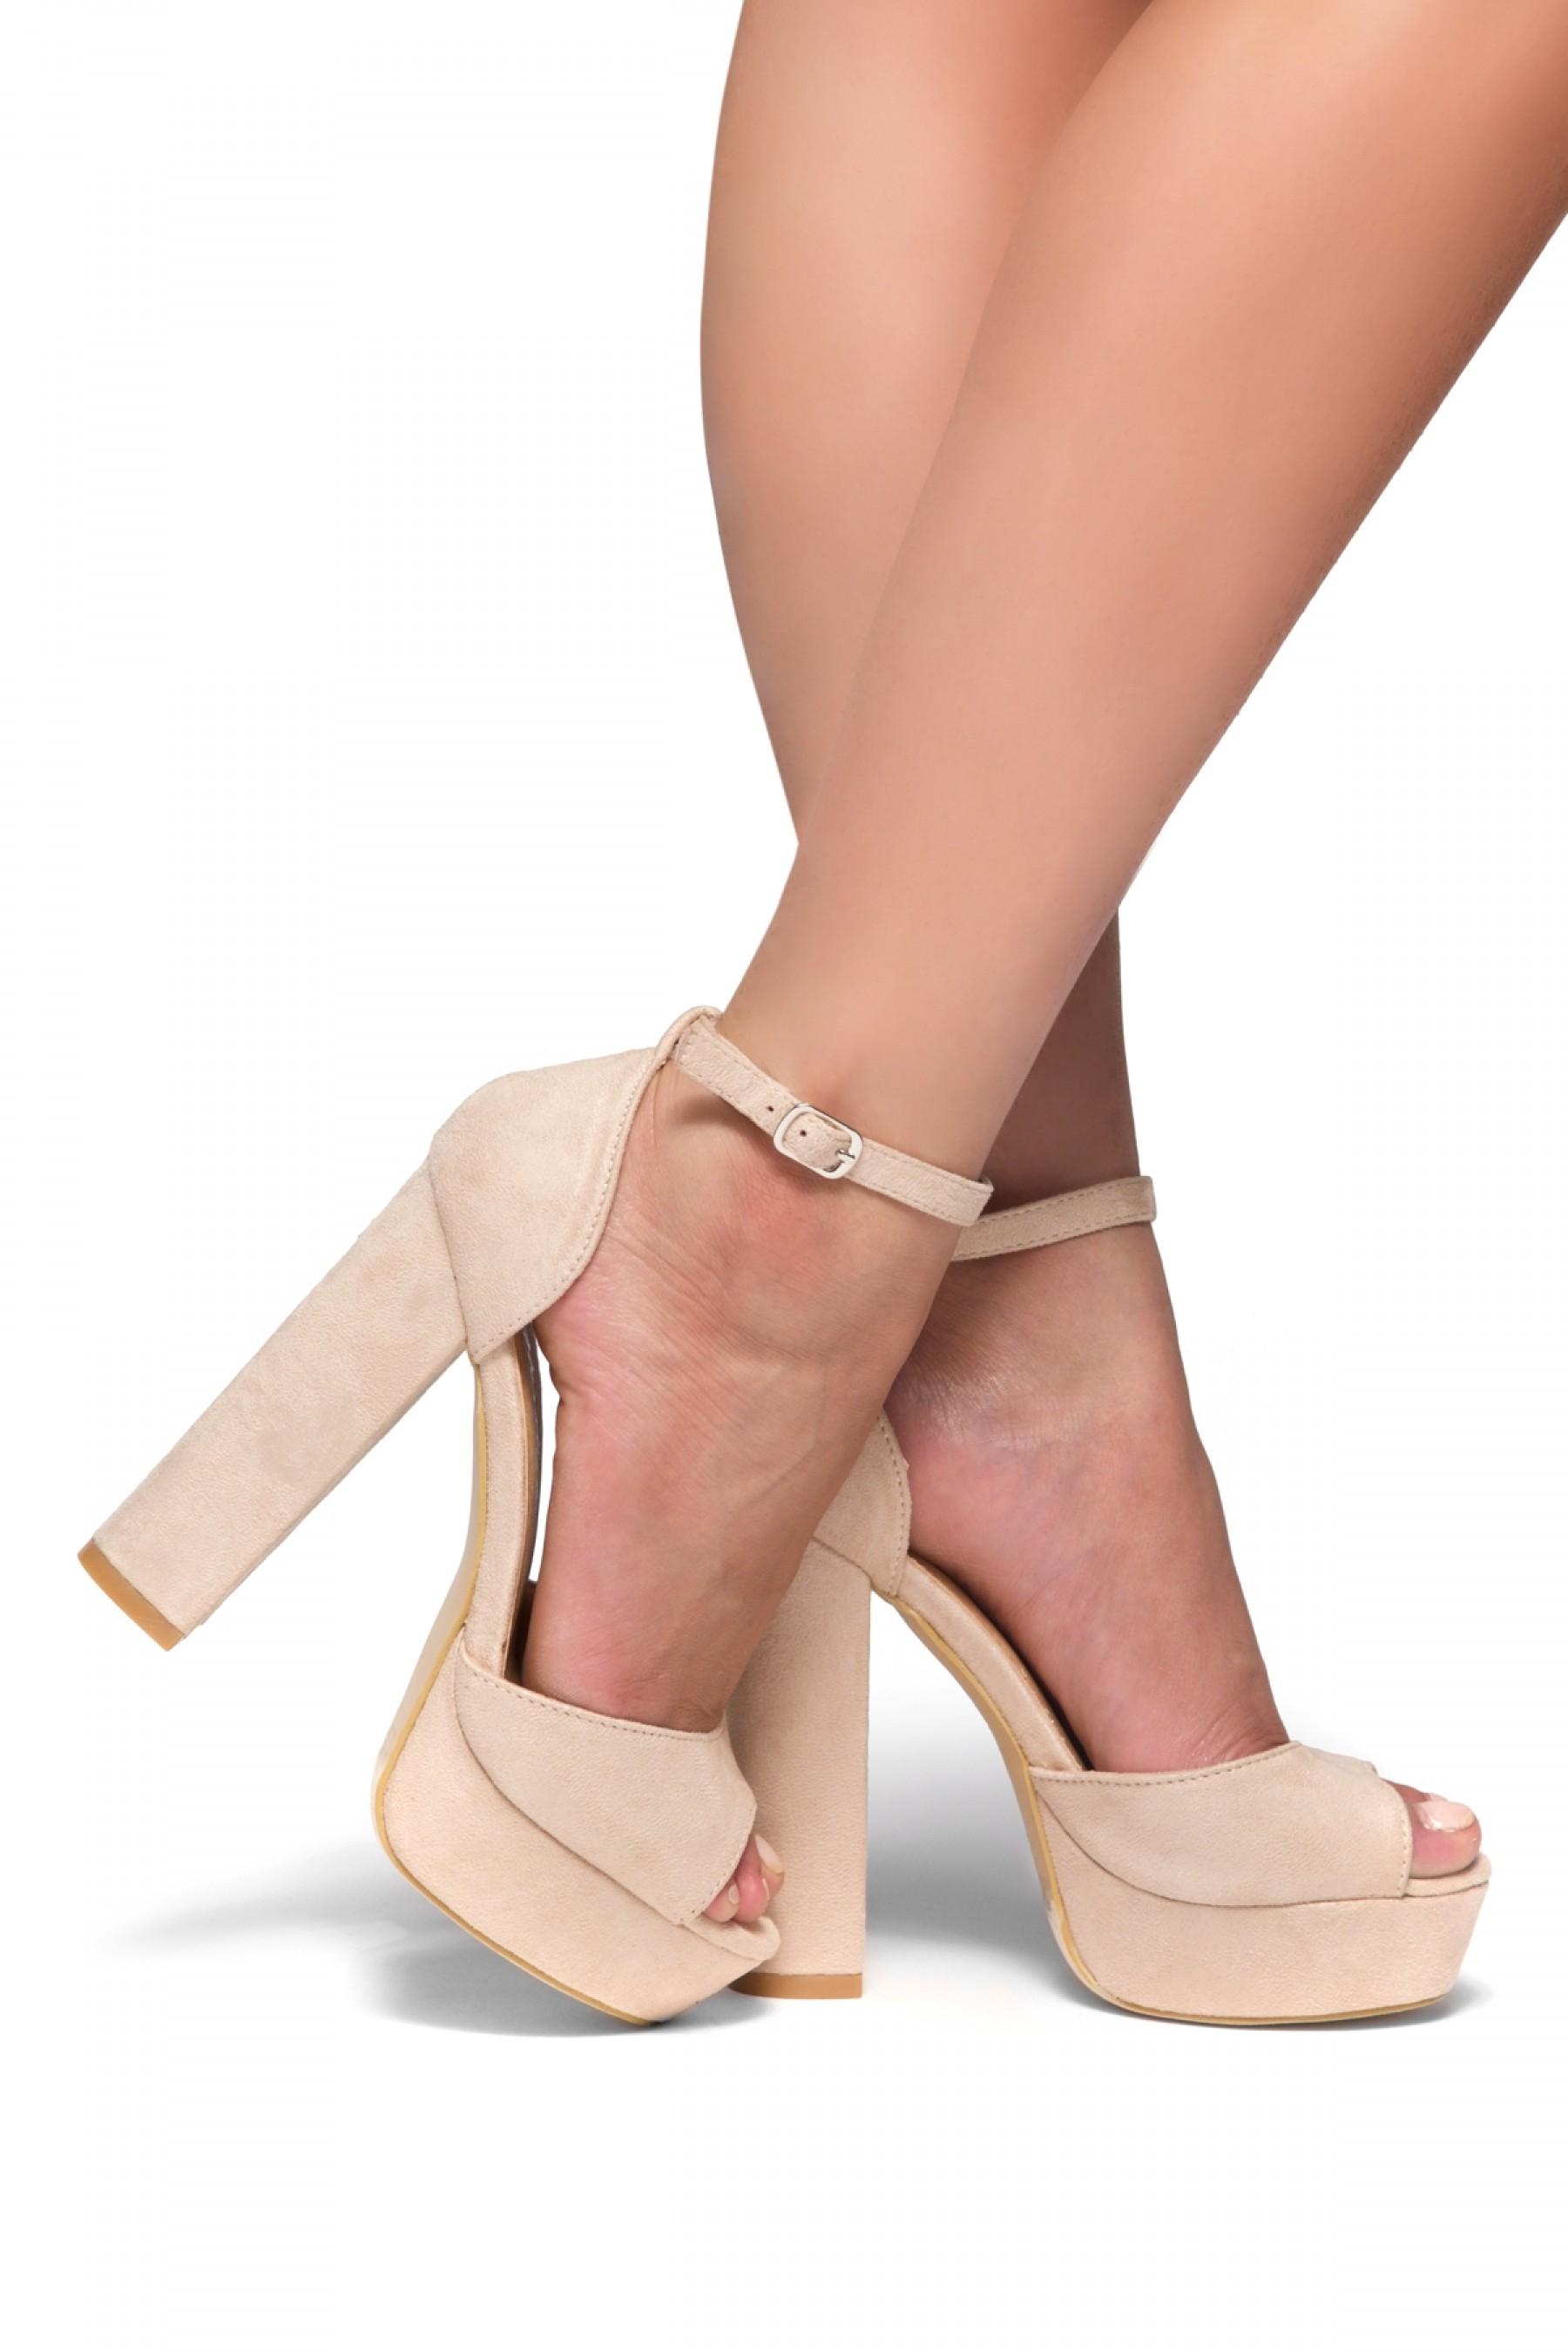 de7abcdad31b HerStyle Kenning Suede Ankle Strap Platform Heel (Blush)